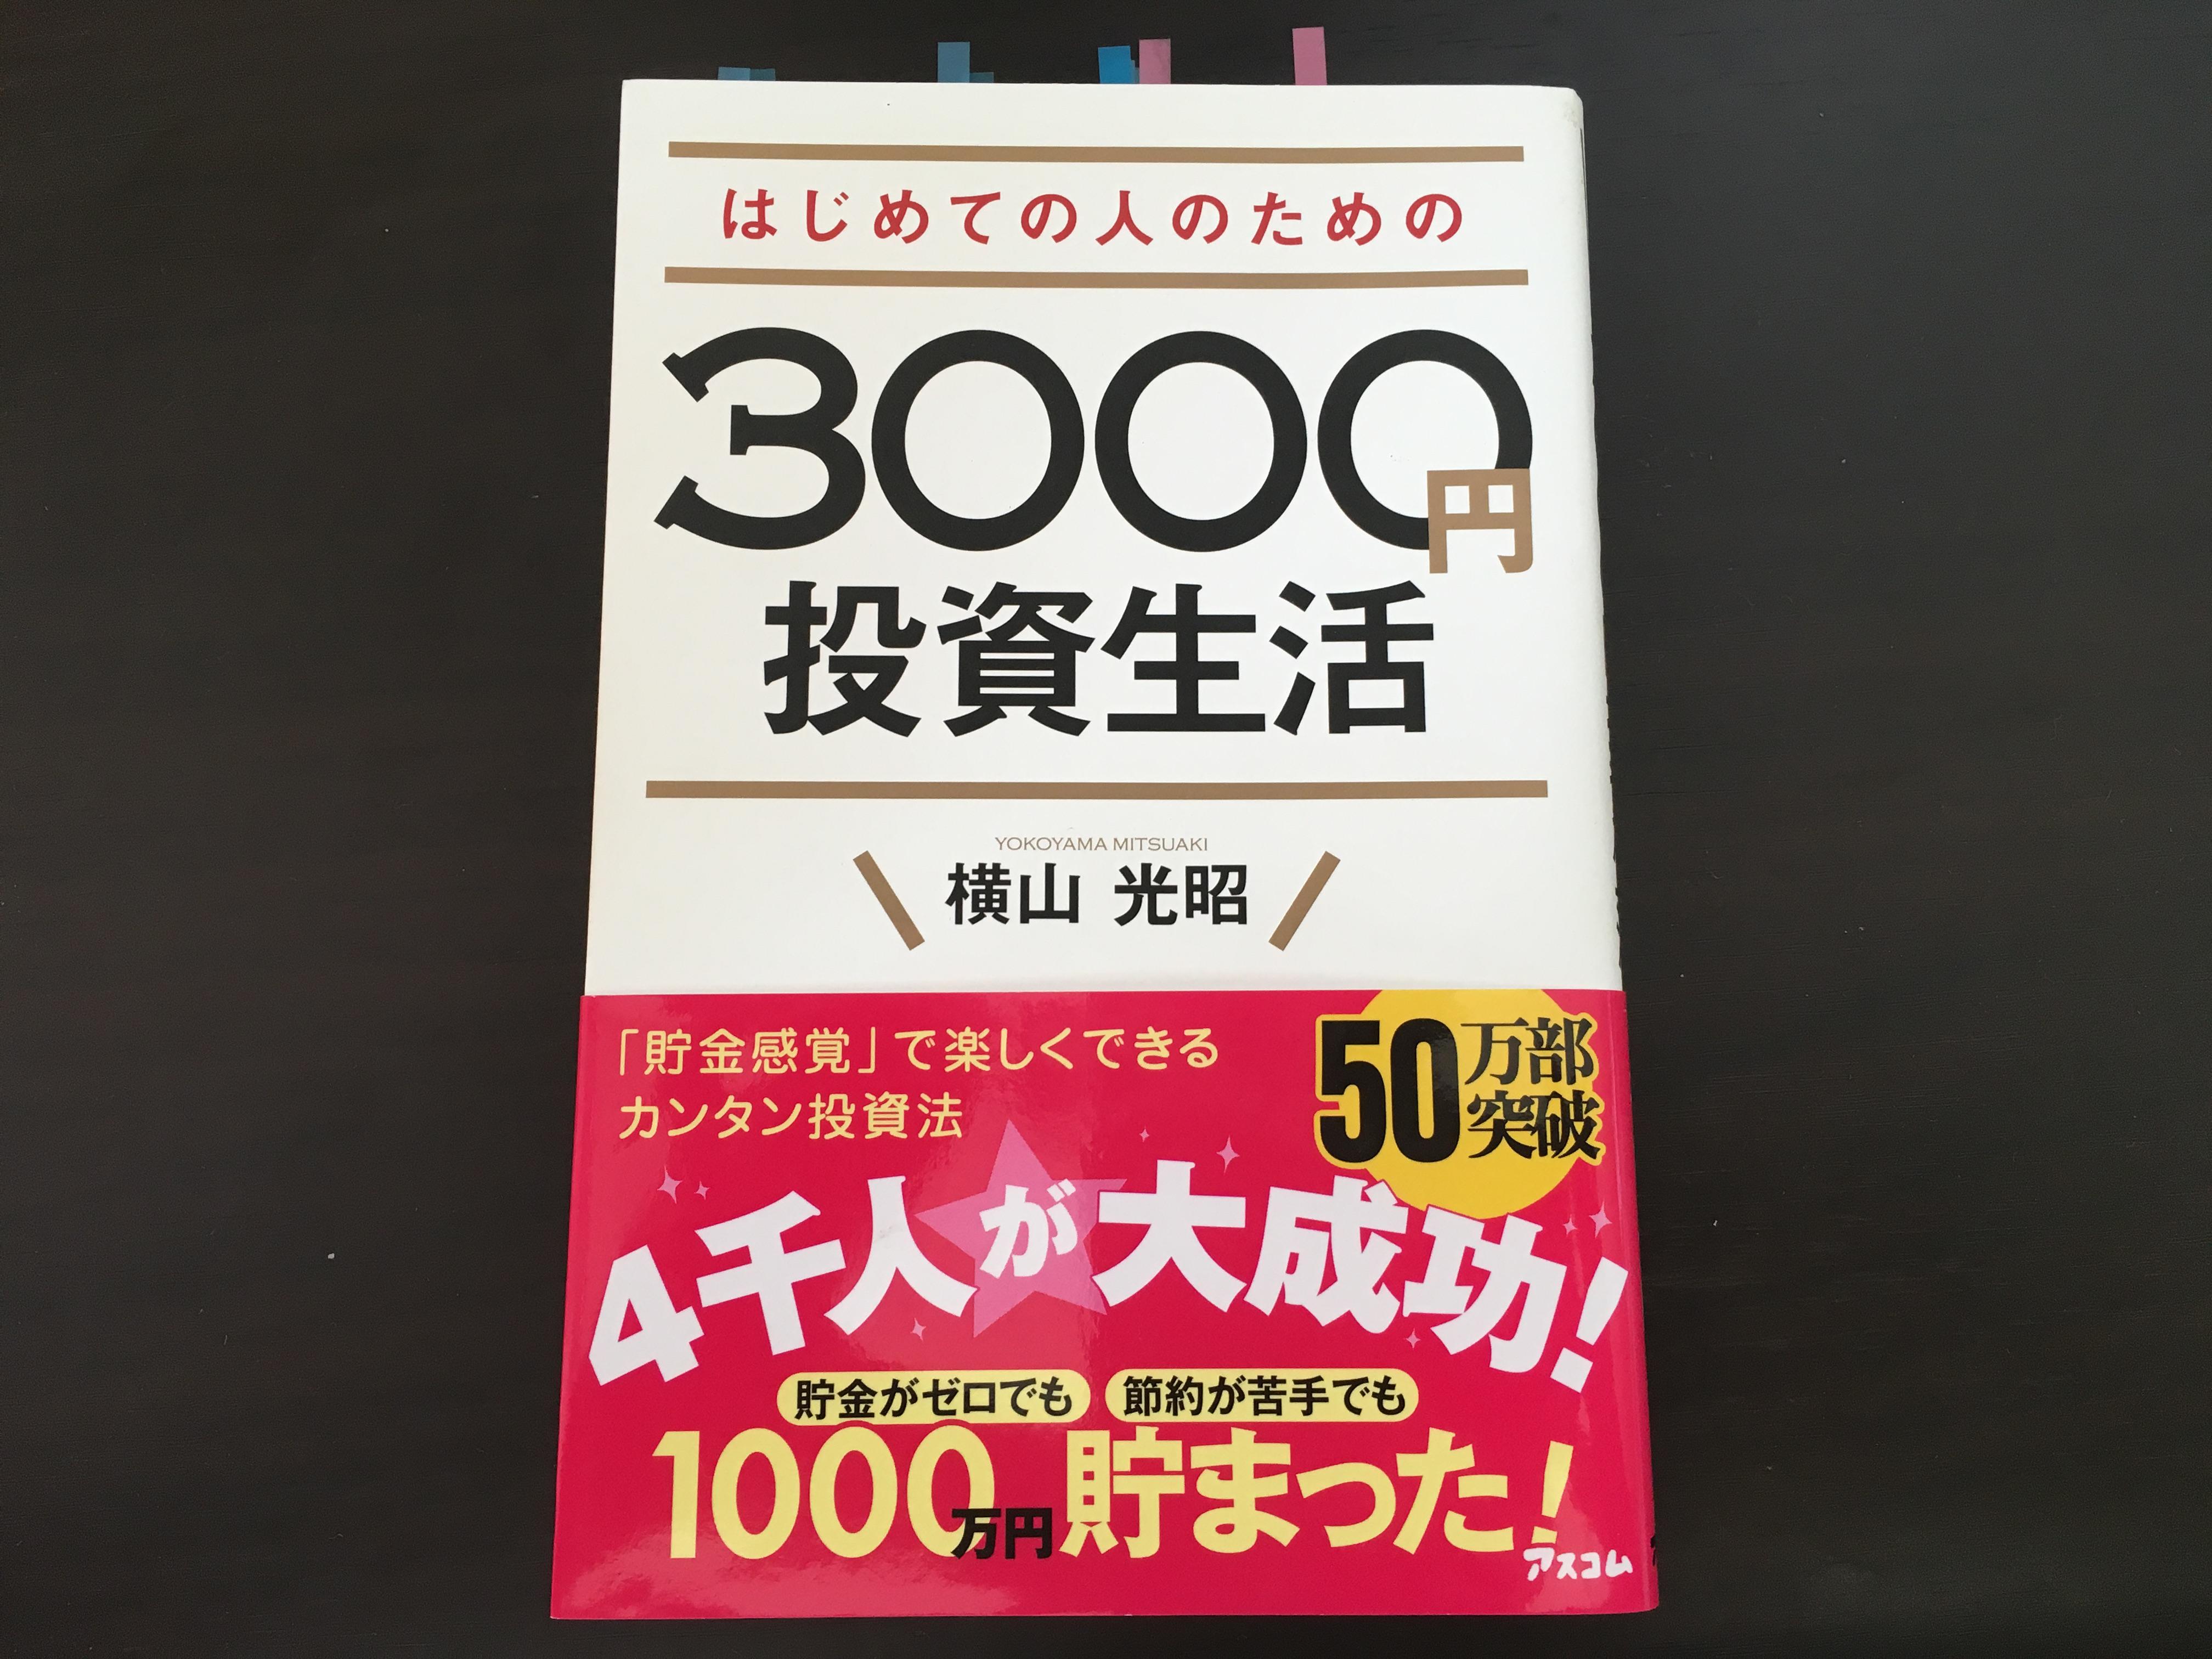 【3000円投資生活】本のレビューとやってみた結果